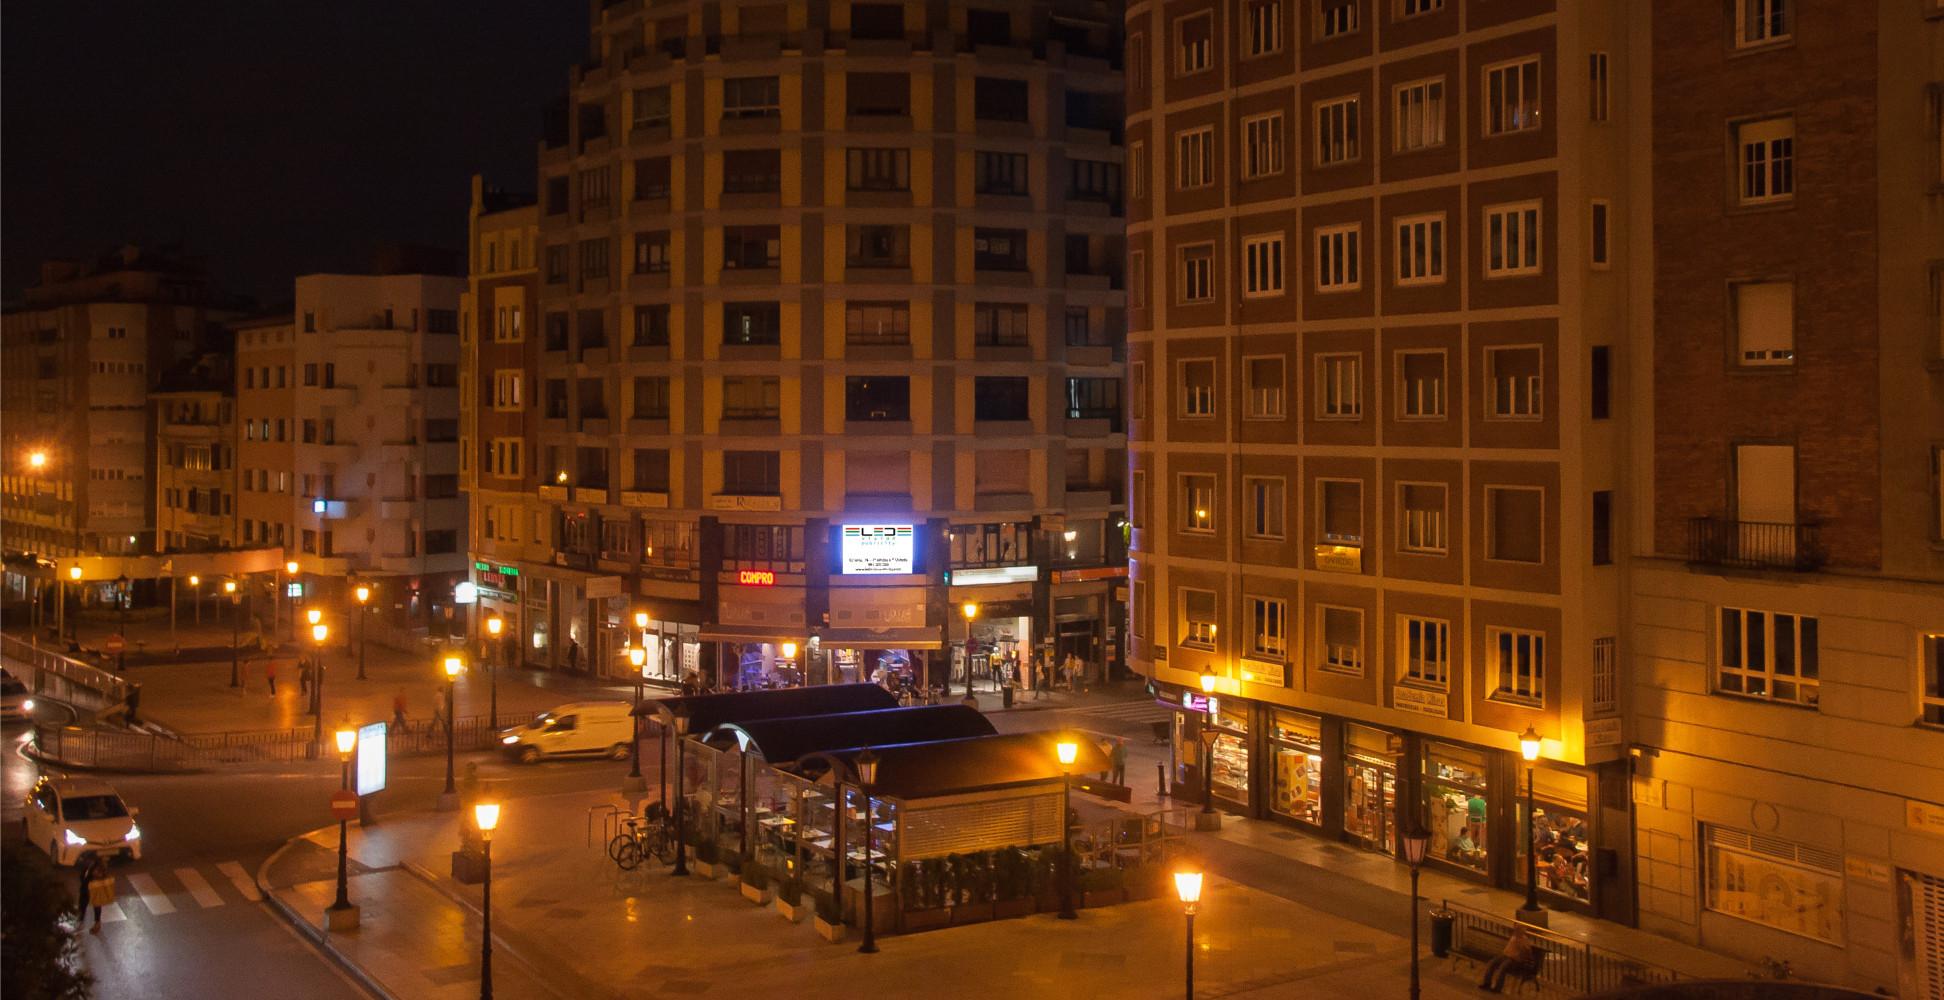 calle-uria-nocturna-portada